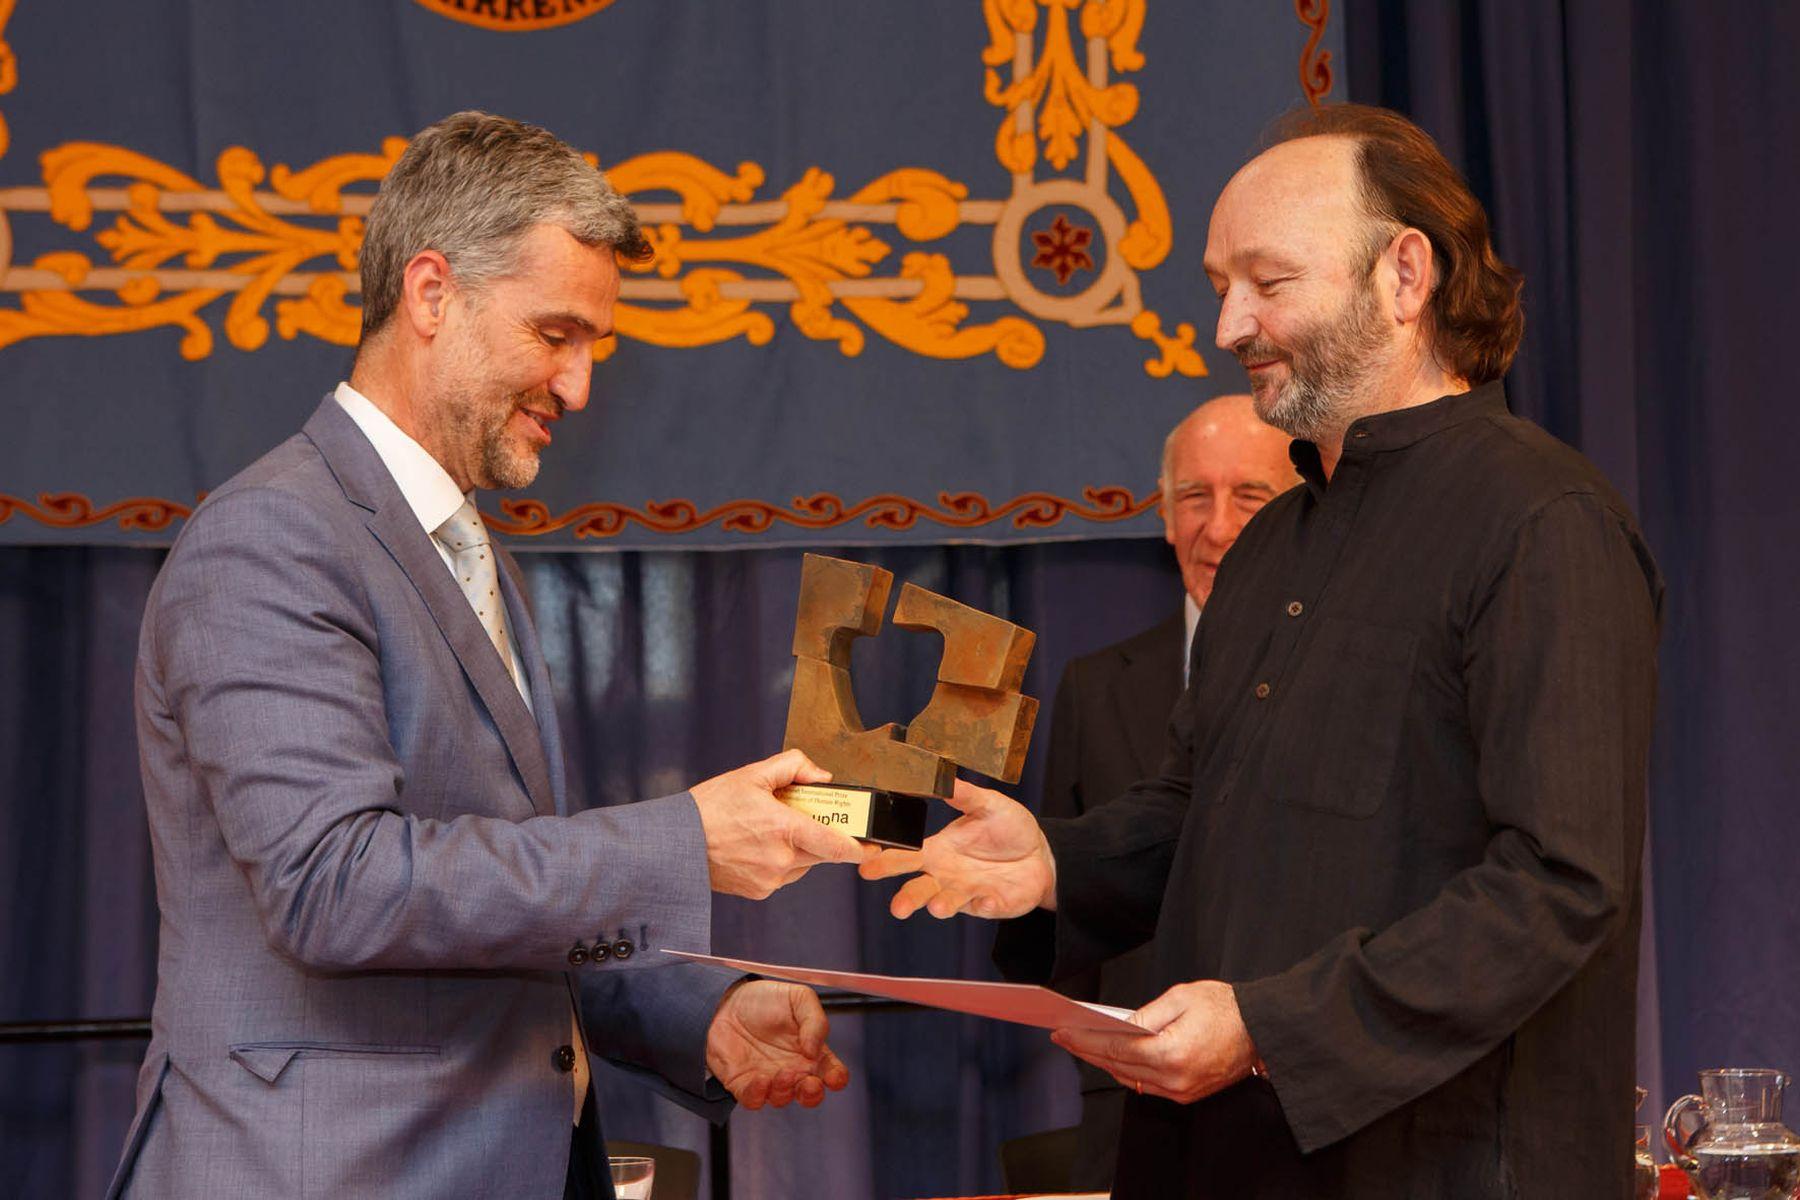 Moncho Ferrer recoge el Premio Internacional Jaime Brunet a la Promoción de los Derechos Humanos de manos del rector de la UPNA, Alfonso Carlosena.